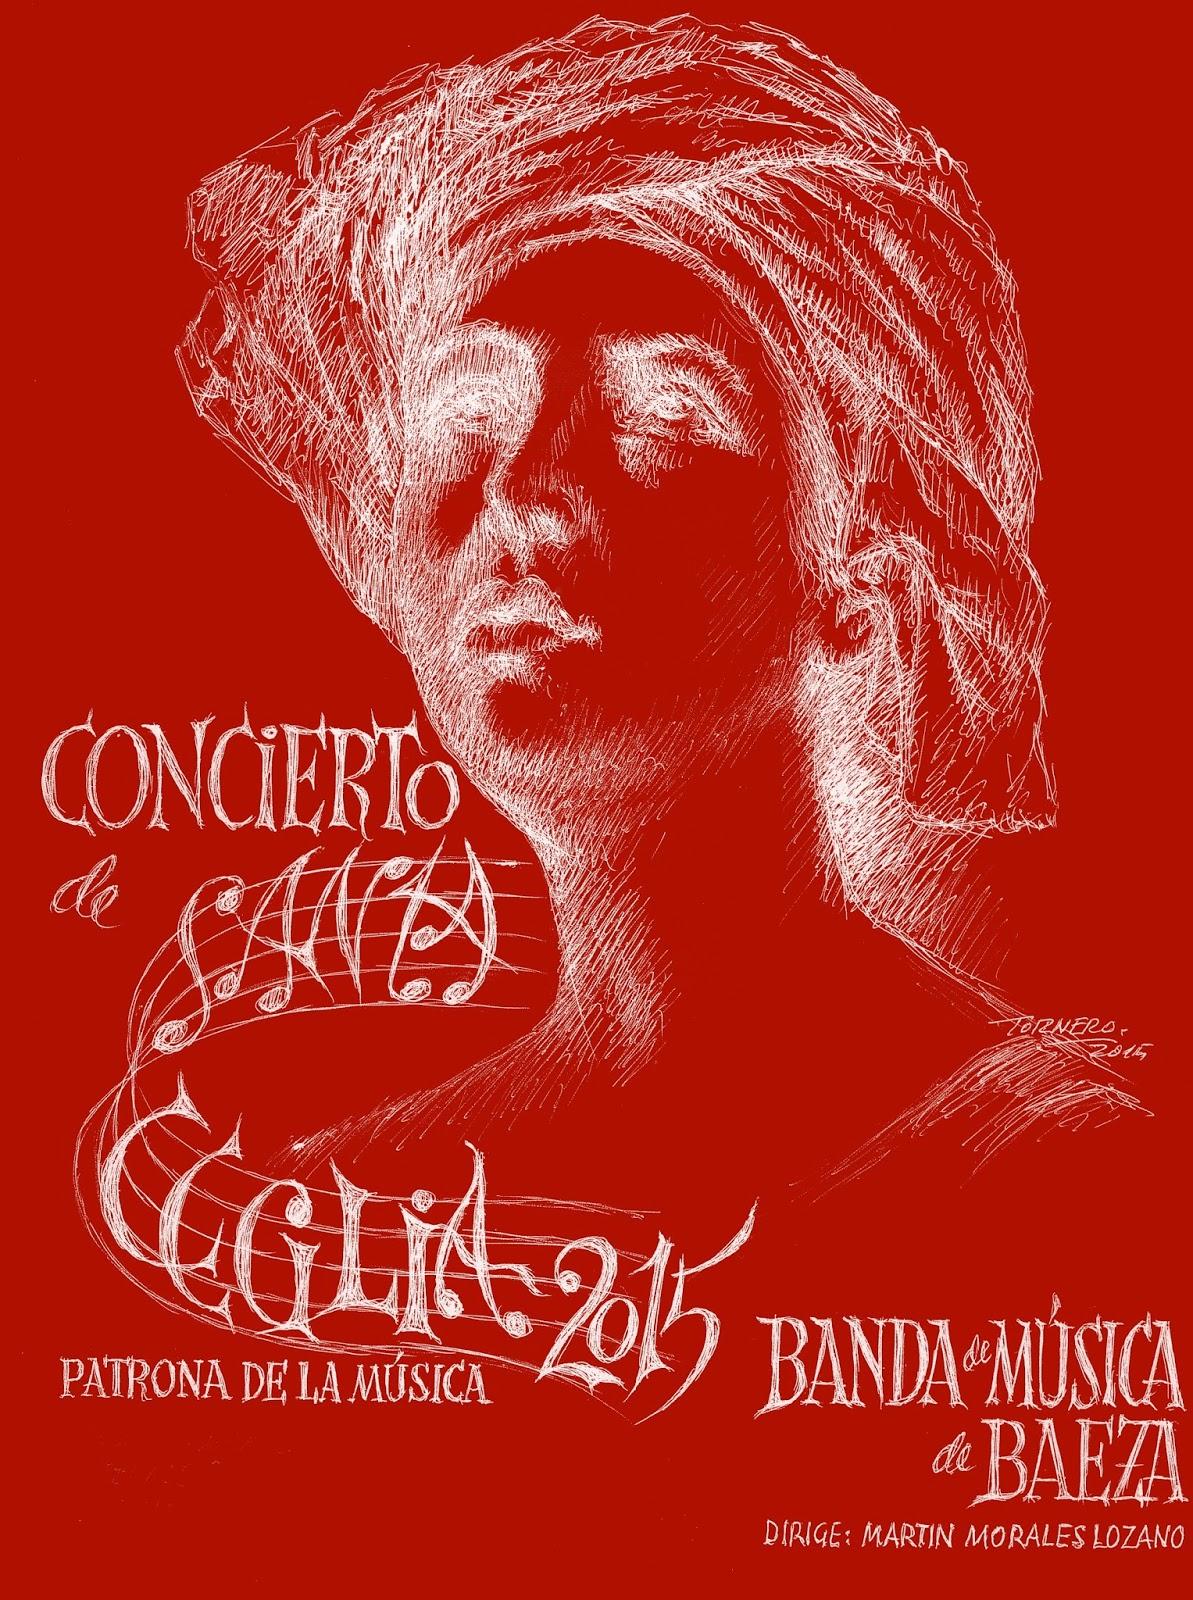 De catafalco y oro banda de m sica de baeza concierto extraordinario en honor a santa cecilia - Canta casta diva ...